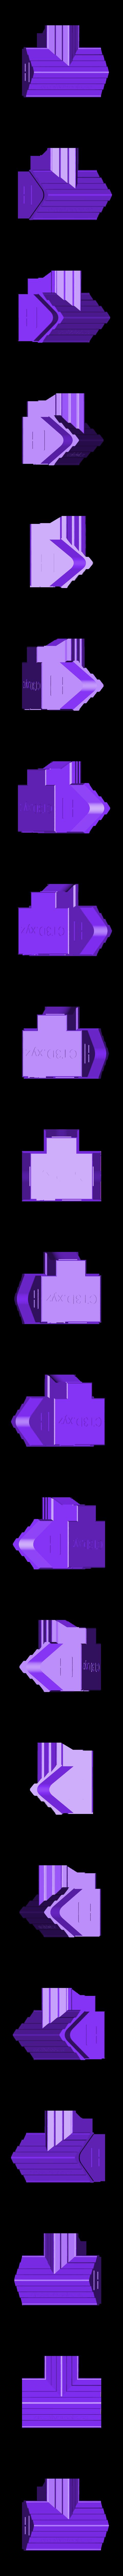 House_Version_4_(Modular Castle Playset - 3D-printable)_By_CreativeTools.se.stl Télécharger fichier STL gratuit Plateau modulaire de château (imprimable en 3D) • Modèle à imprimer en 3D, CreativeTools